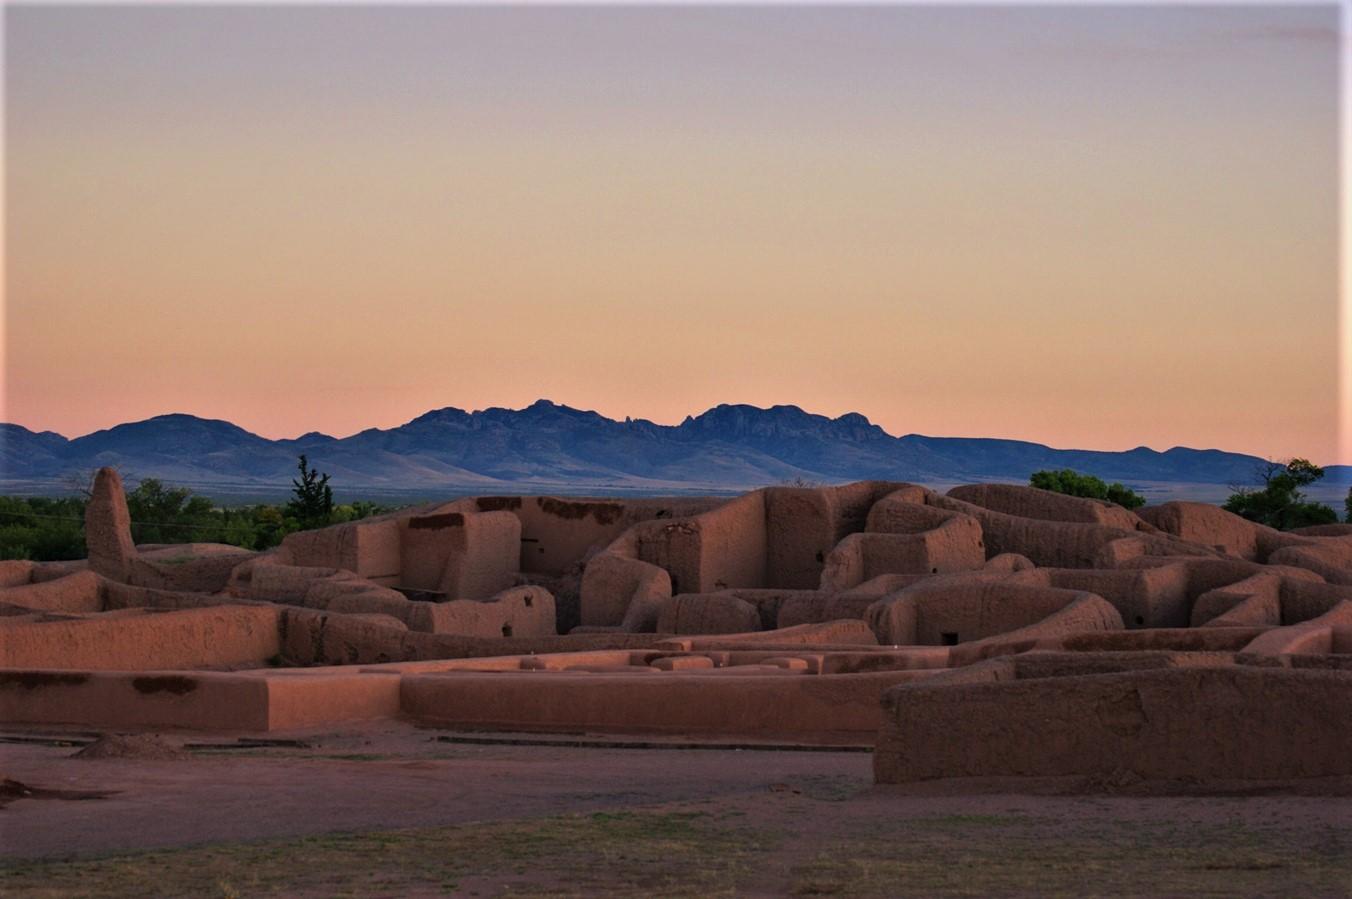 Este 21 de marzo estarán abiertas 24 zonas arqueológicas en el país, bajo estrictas medidas sanitarias